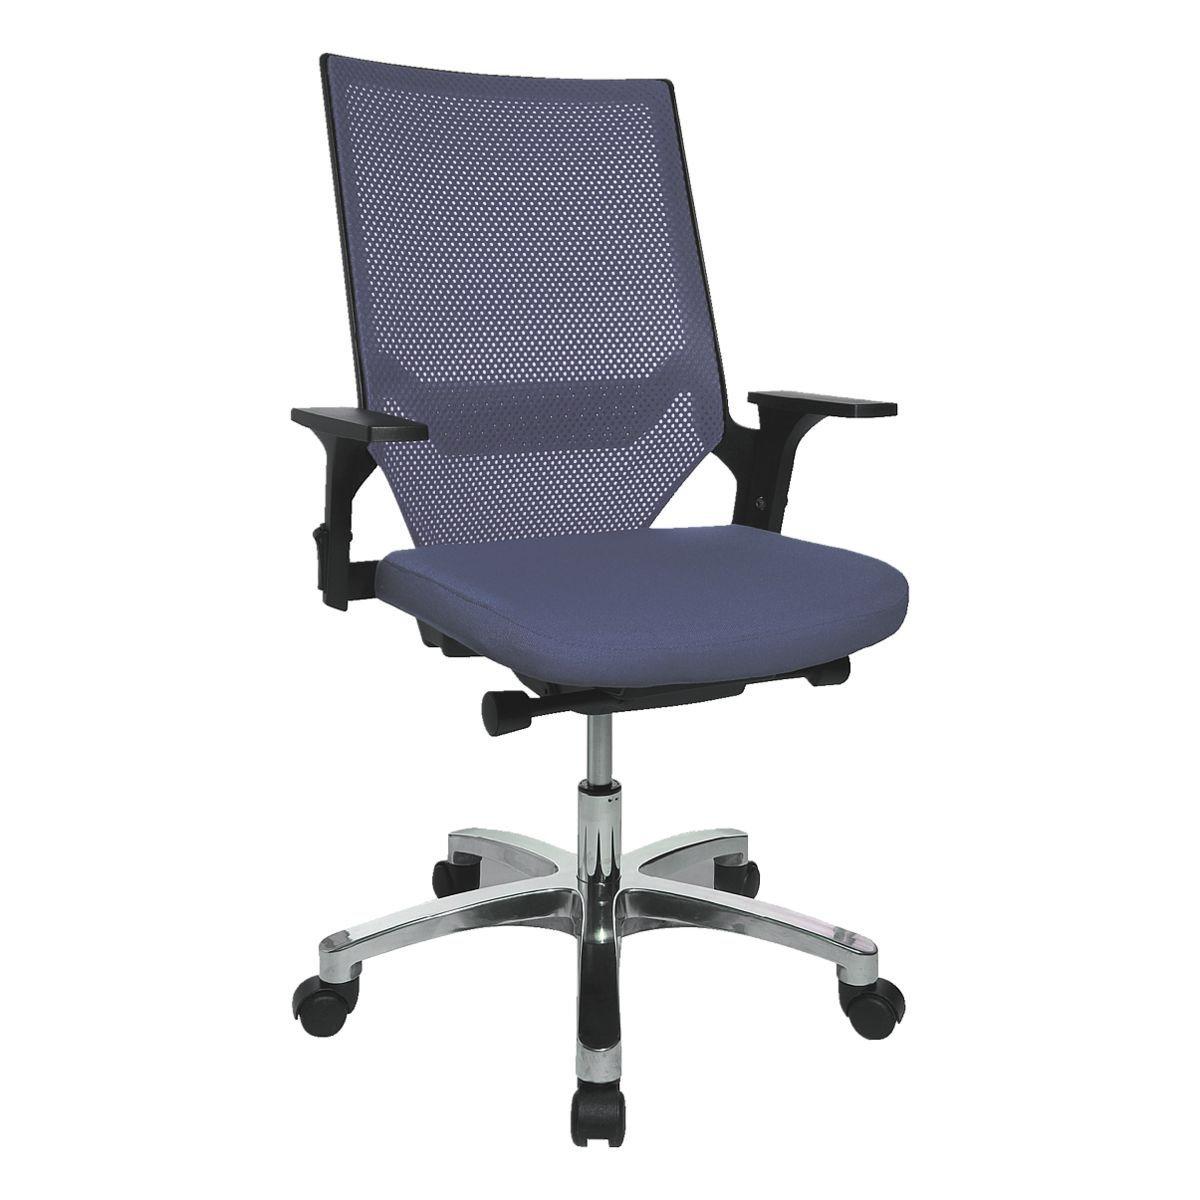 Bürostühle online kaufen   Möbel-Suchmaschine   ladendirekt.de